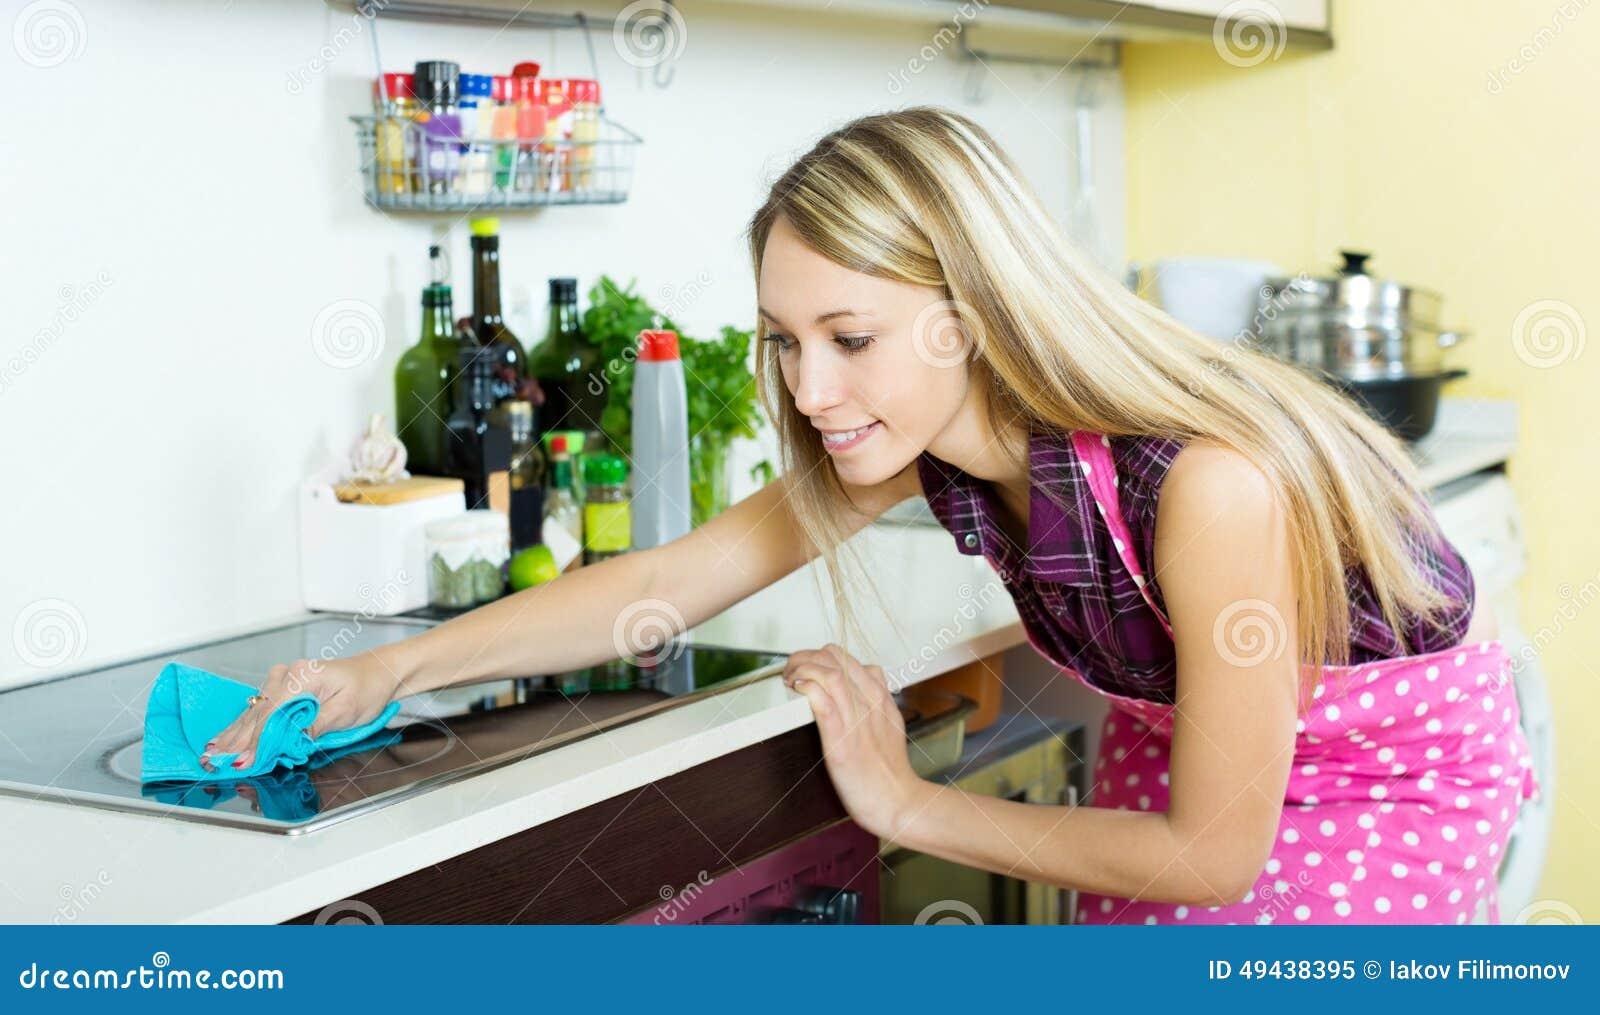 La criada limpia la estufa moderna